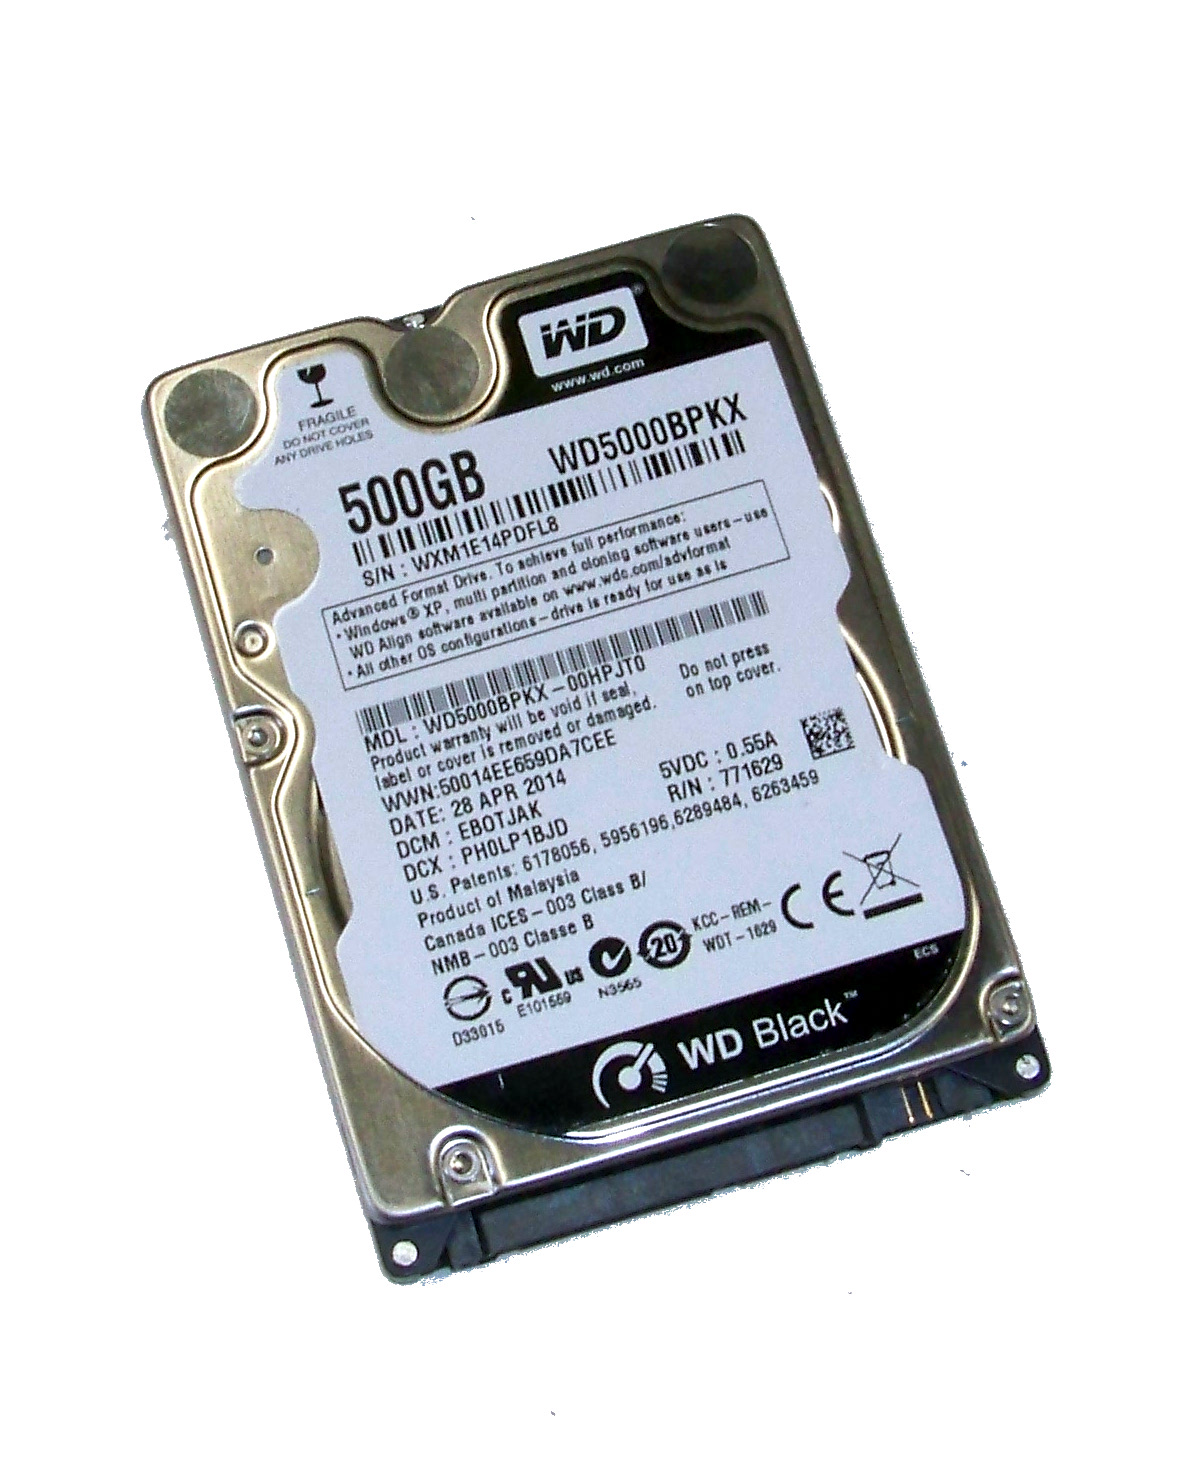 Wd Wd5000bpkx 00hpjt0 Wd Black 500gb 7 2k 2 5 Sata Hard Disk Drive Dcm Ebotjak 500gb Team Spares